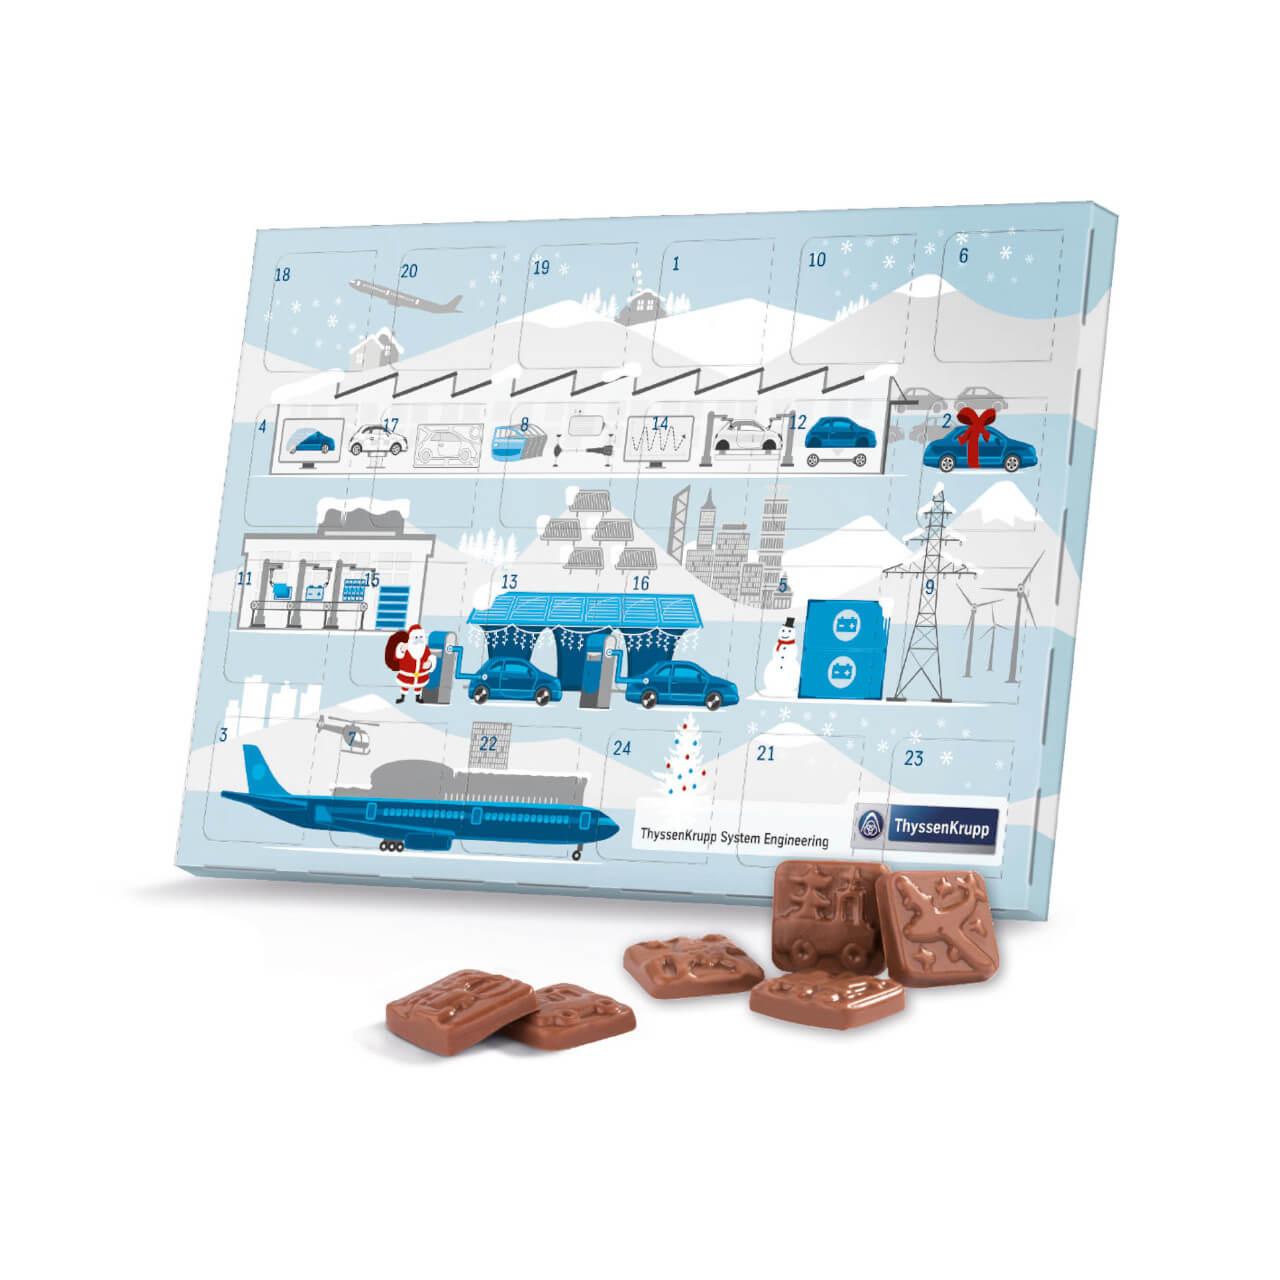 Schokoladen Weihnachtskalender.Adventskalender Schokolade Individuell Mit Firmenlogo